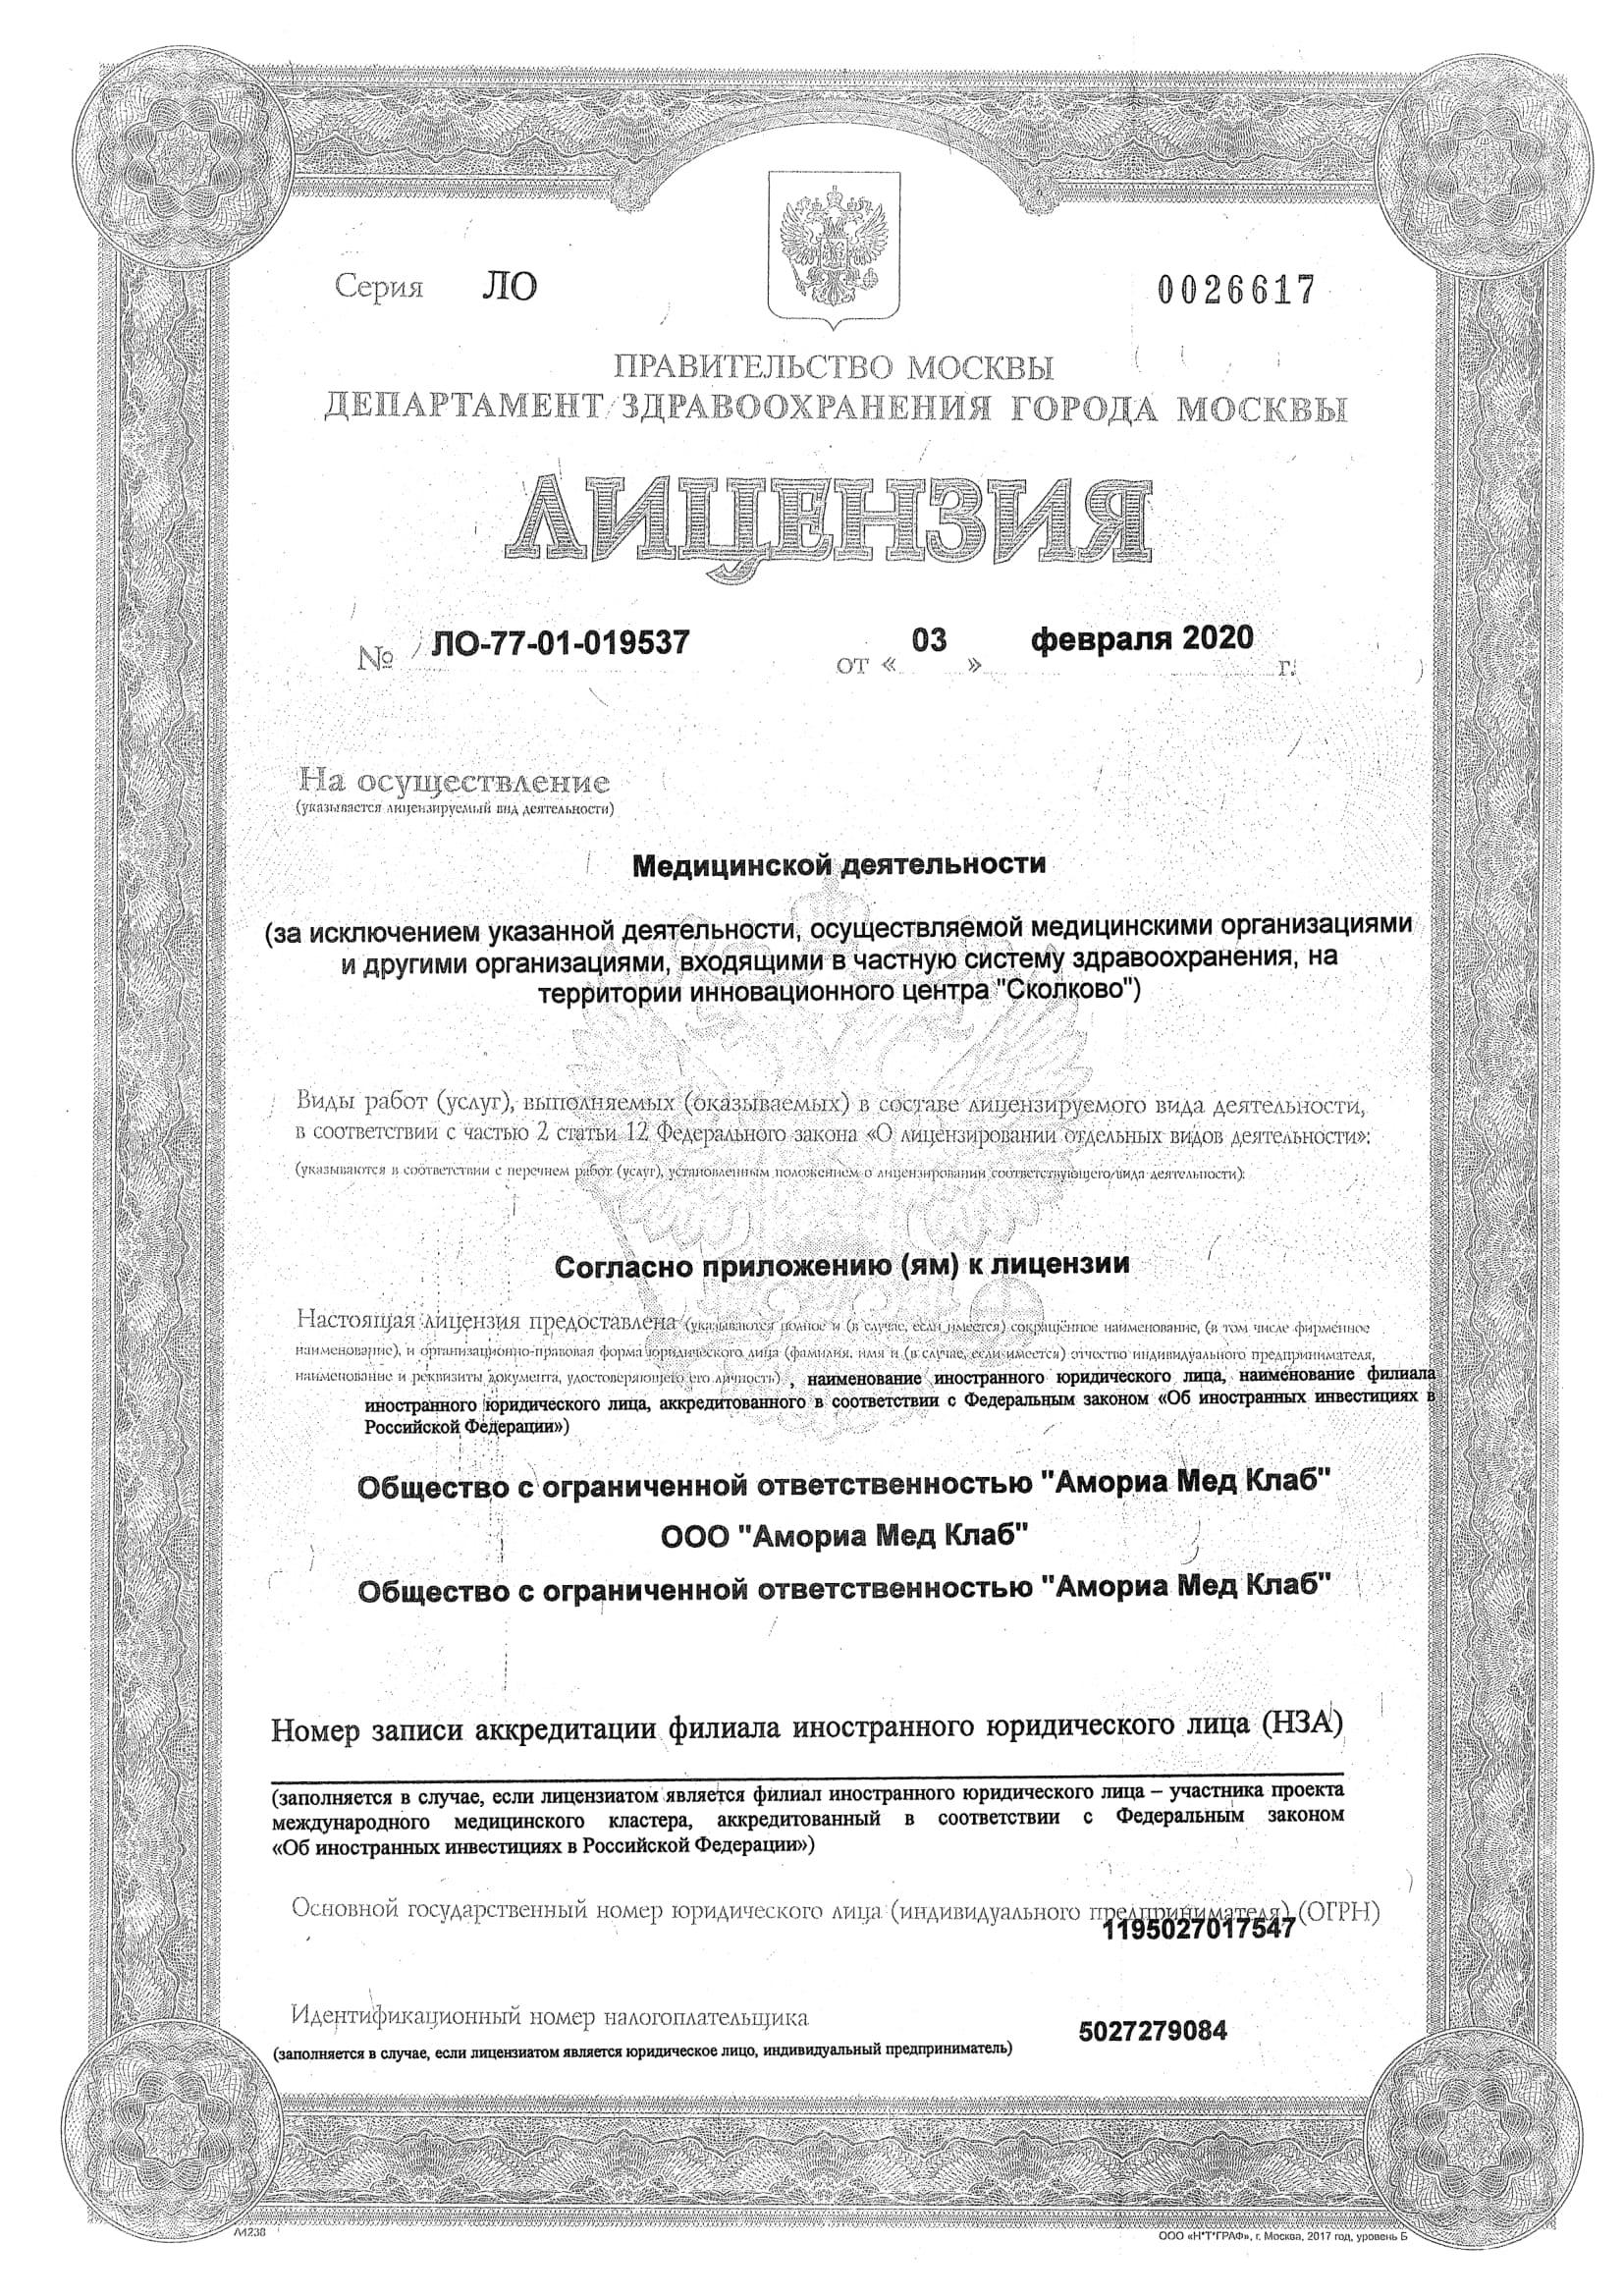 1_ЛЕЦЕНЗИЯ МЕД КЛАБ-1(1)